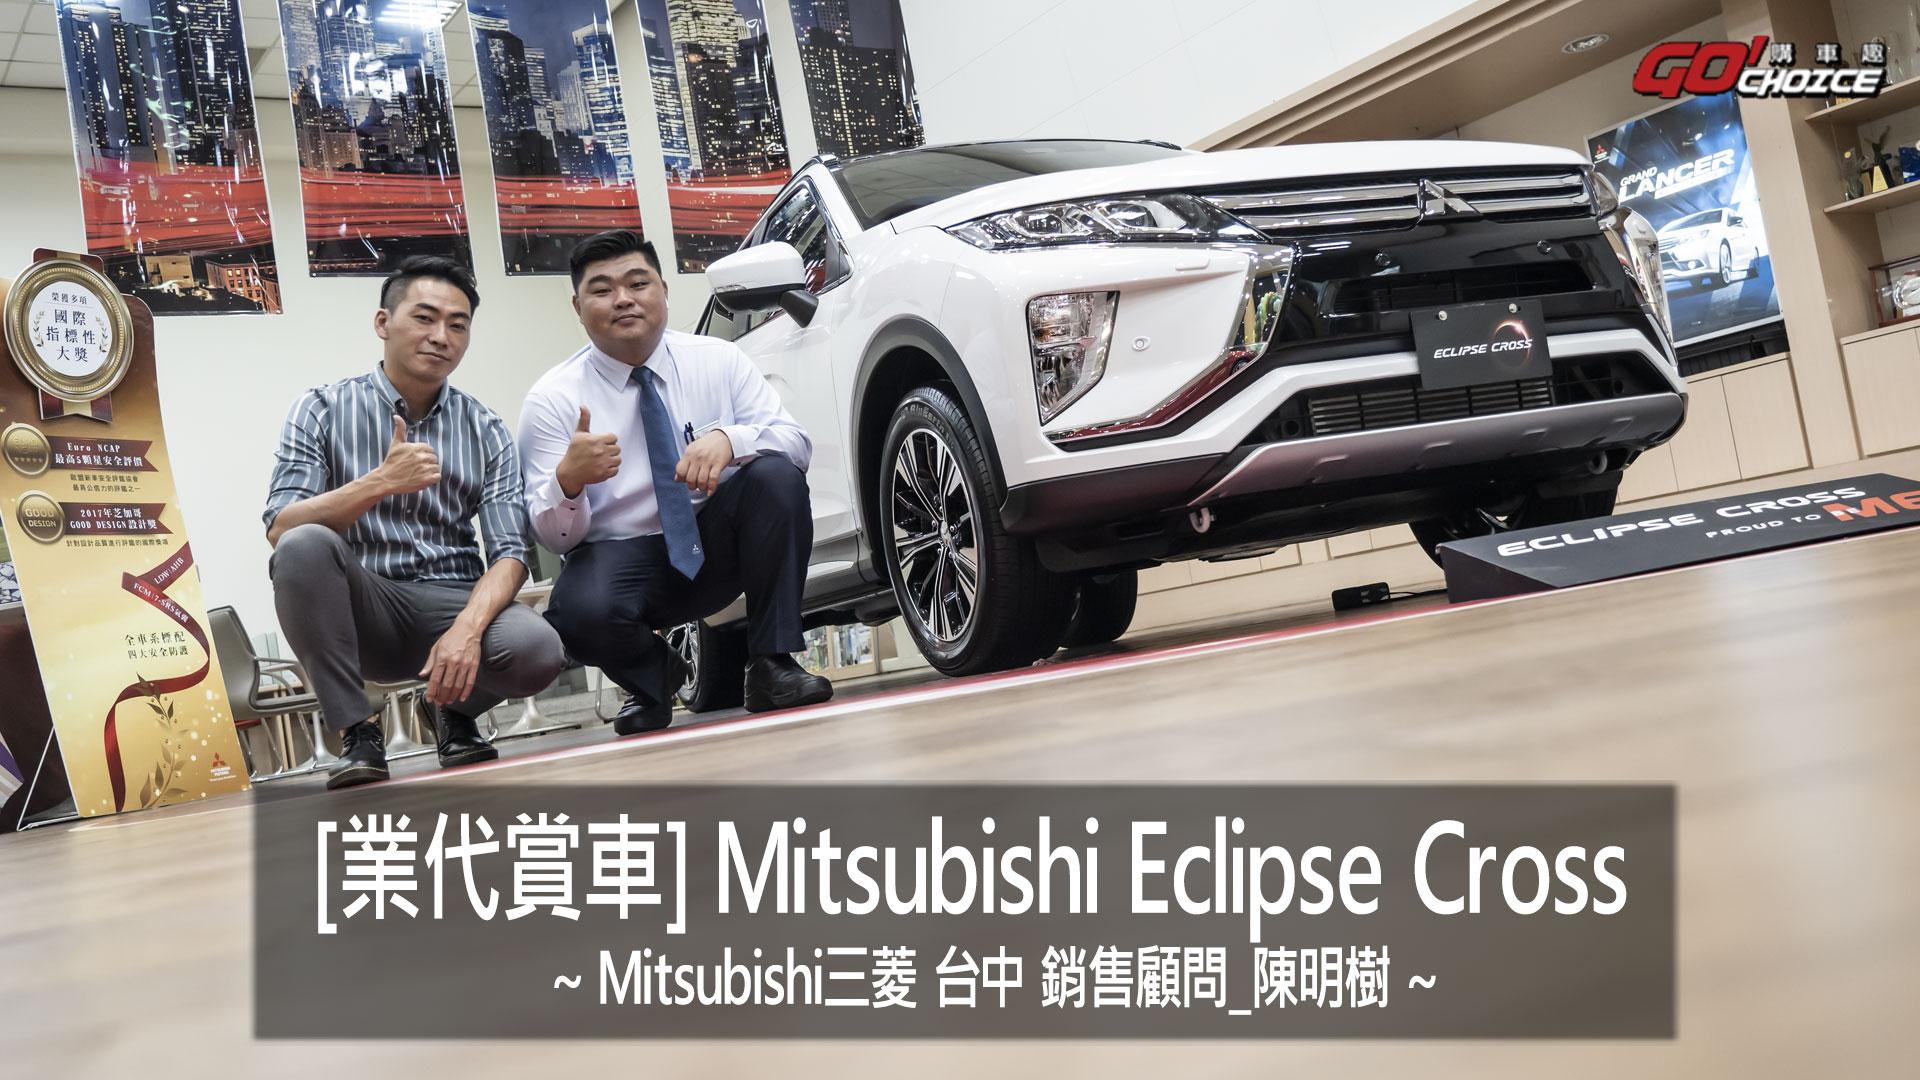 業代賞車-日系進口跨界休旅Mitsubishi Eclipse Cross炫風持續!Mitsubishi台中-銷售顧問_陳明樹